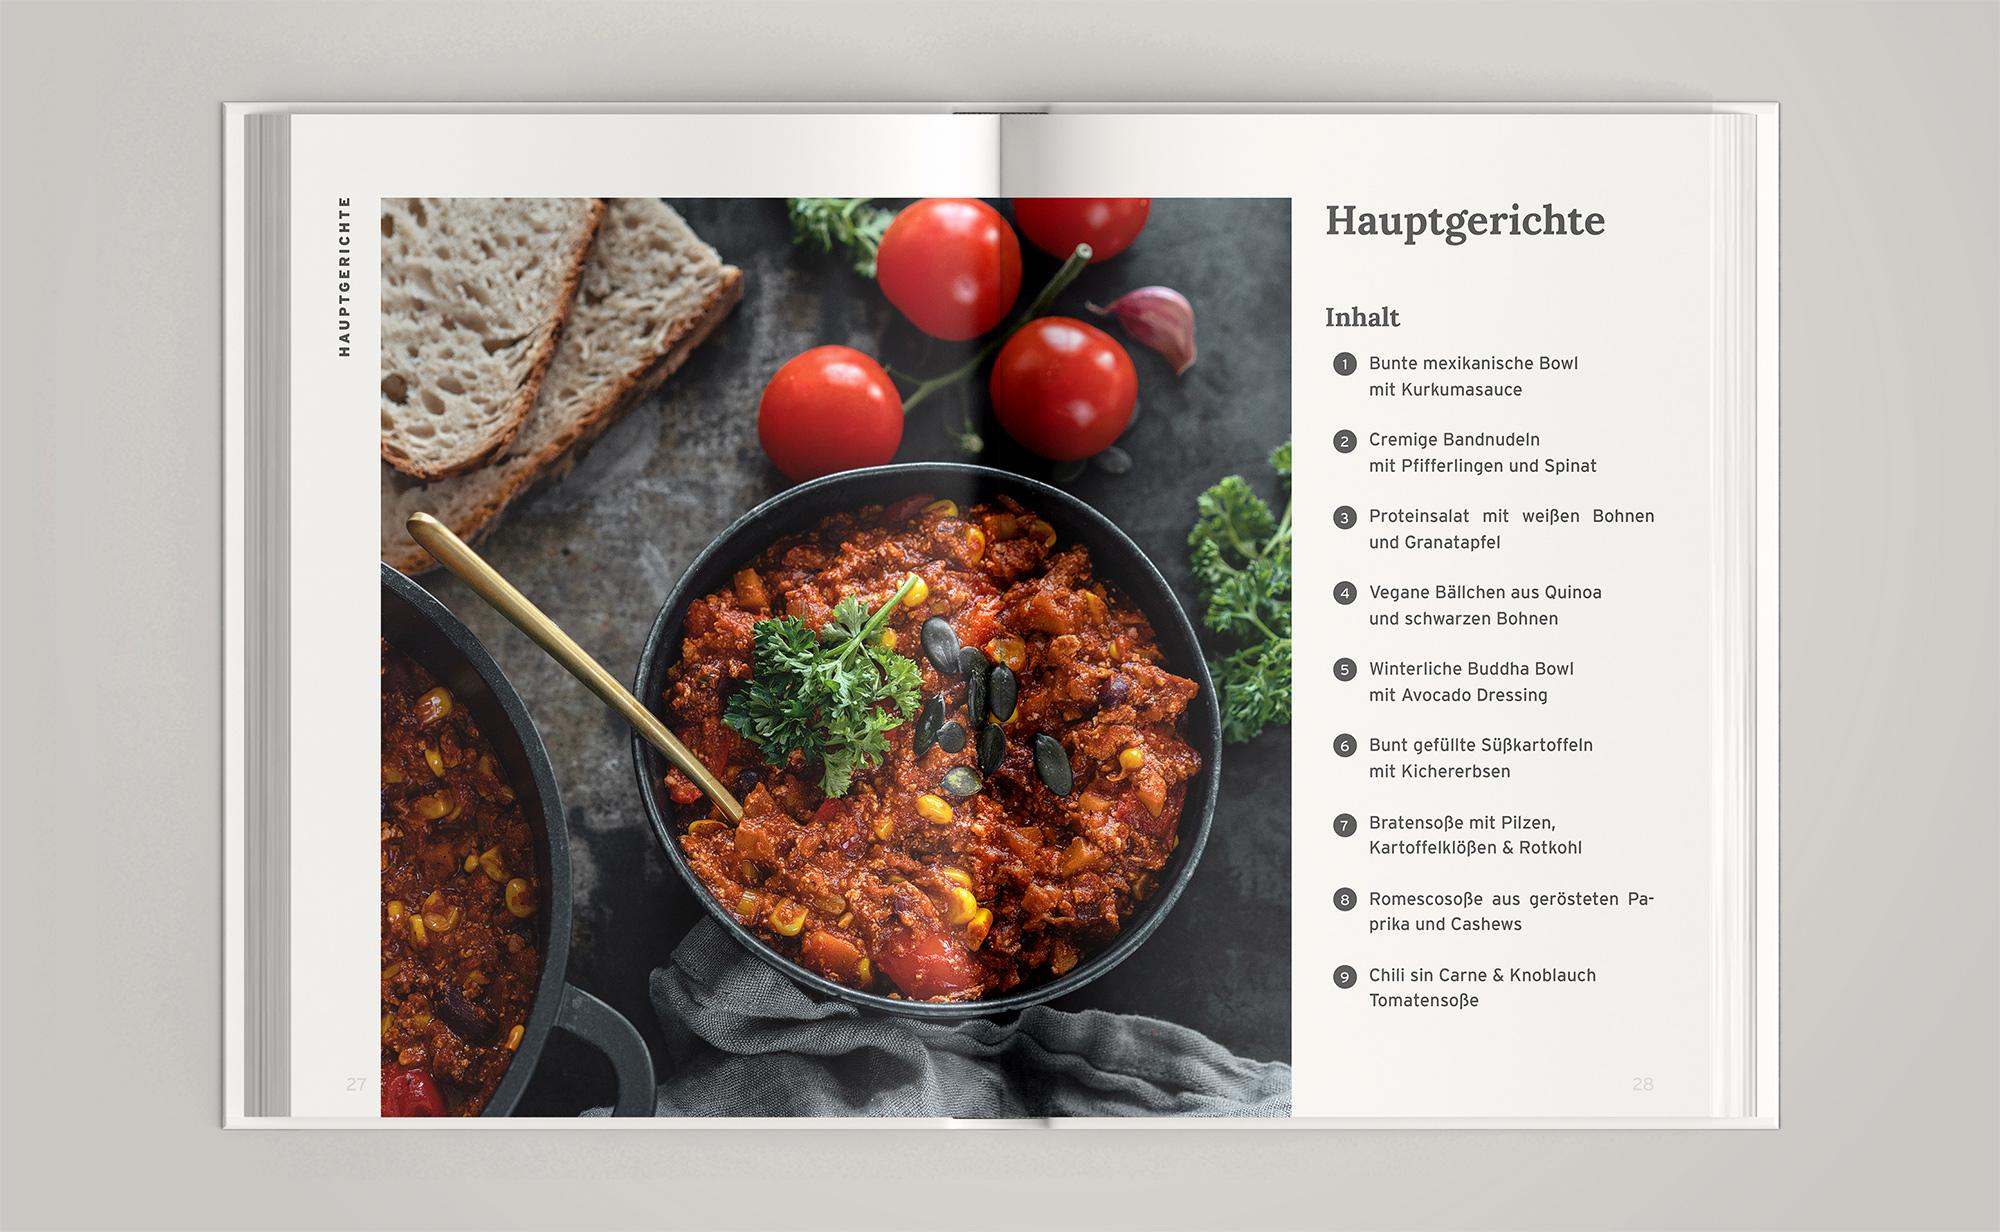 Soulfood zum Wohlfühlen - vegane Rezepte für Herbst und Winter Hauptgerichte